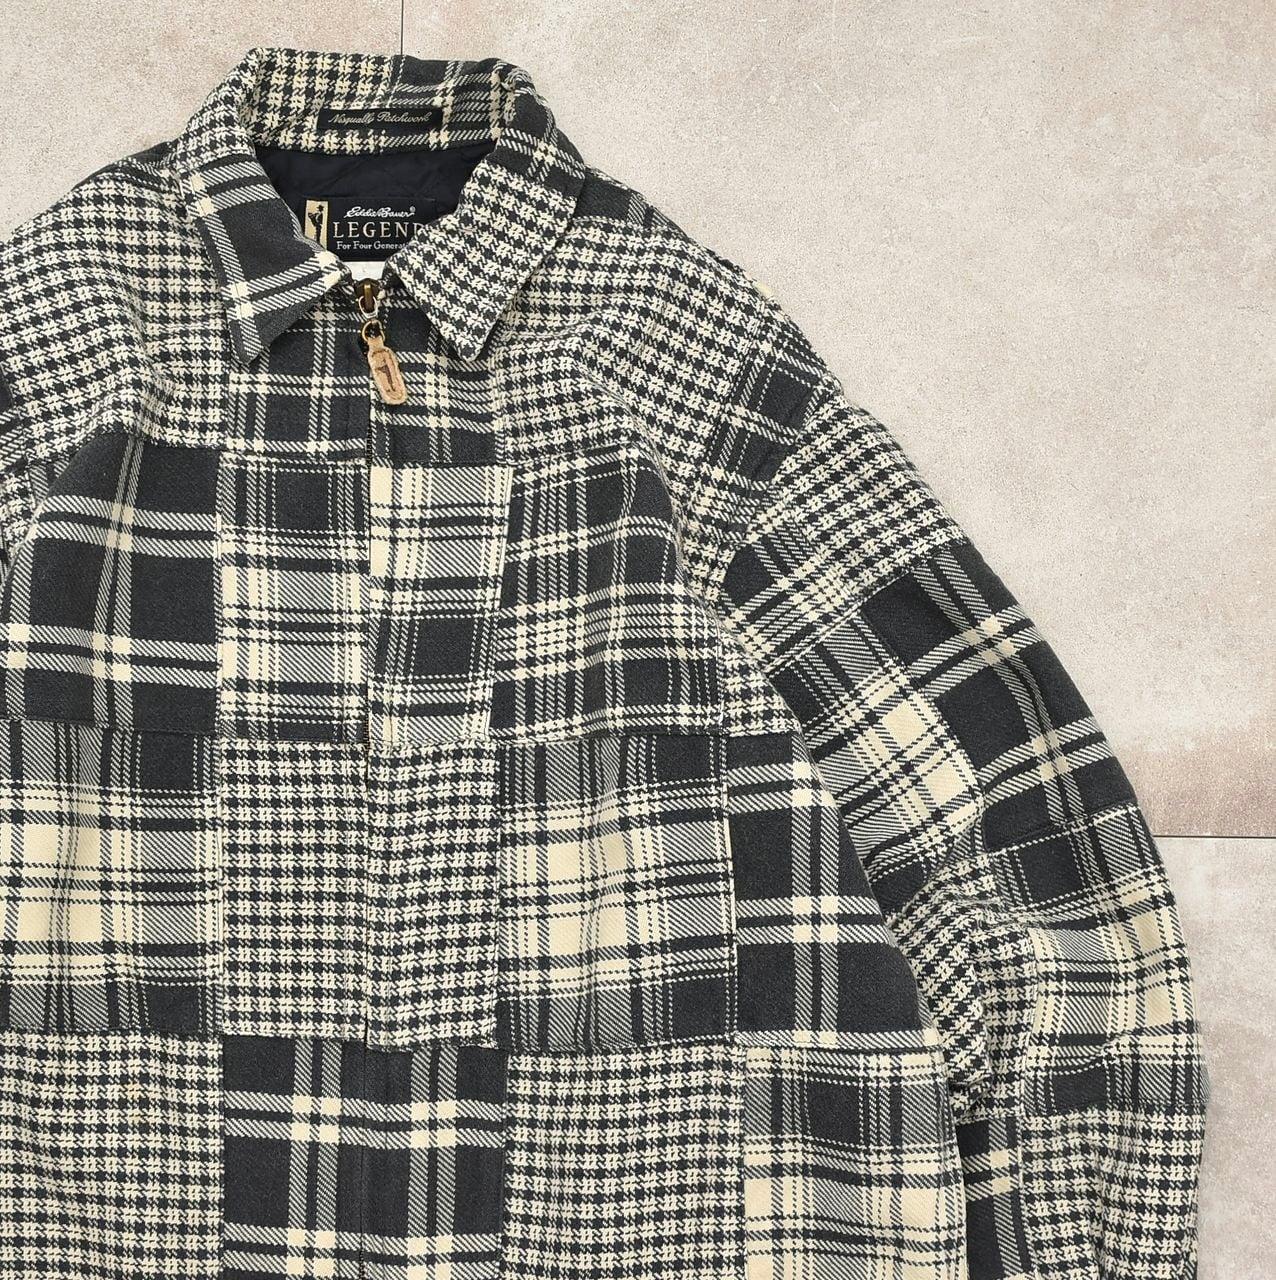 Eddie Bower LEGEND patchwork check jacket